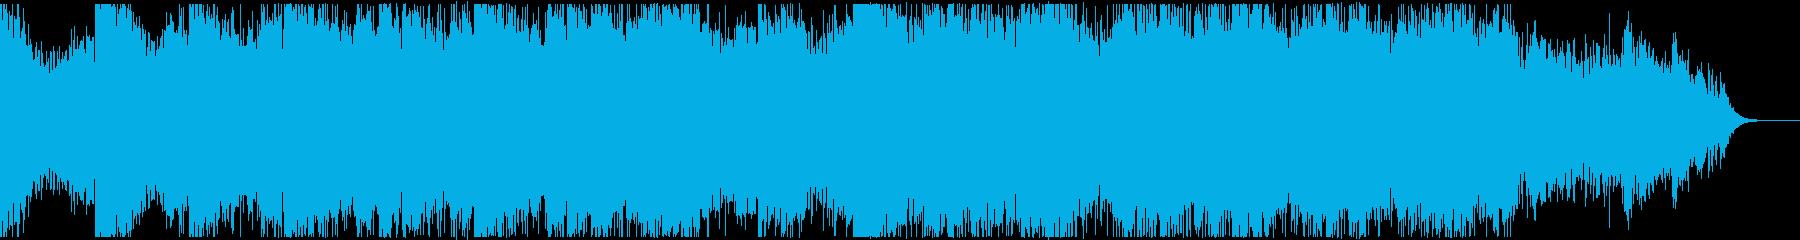 ゆったりした都会的なサウンドBGMの再生済みの波形